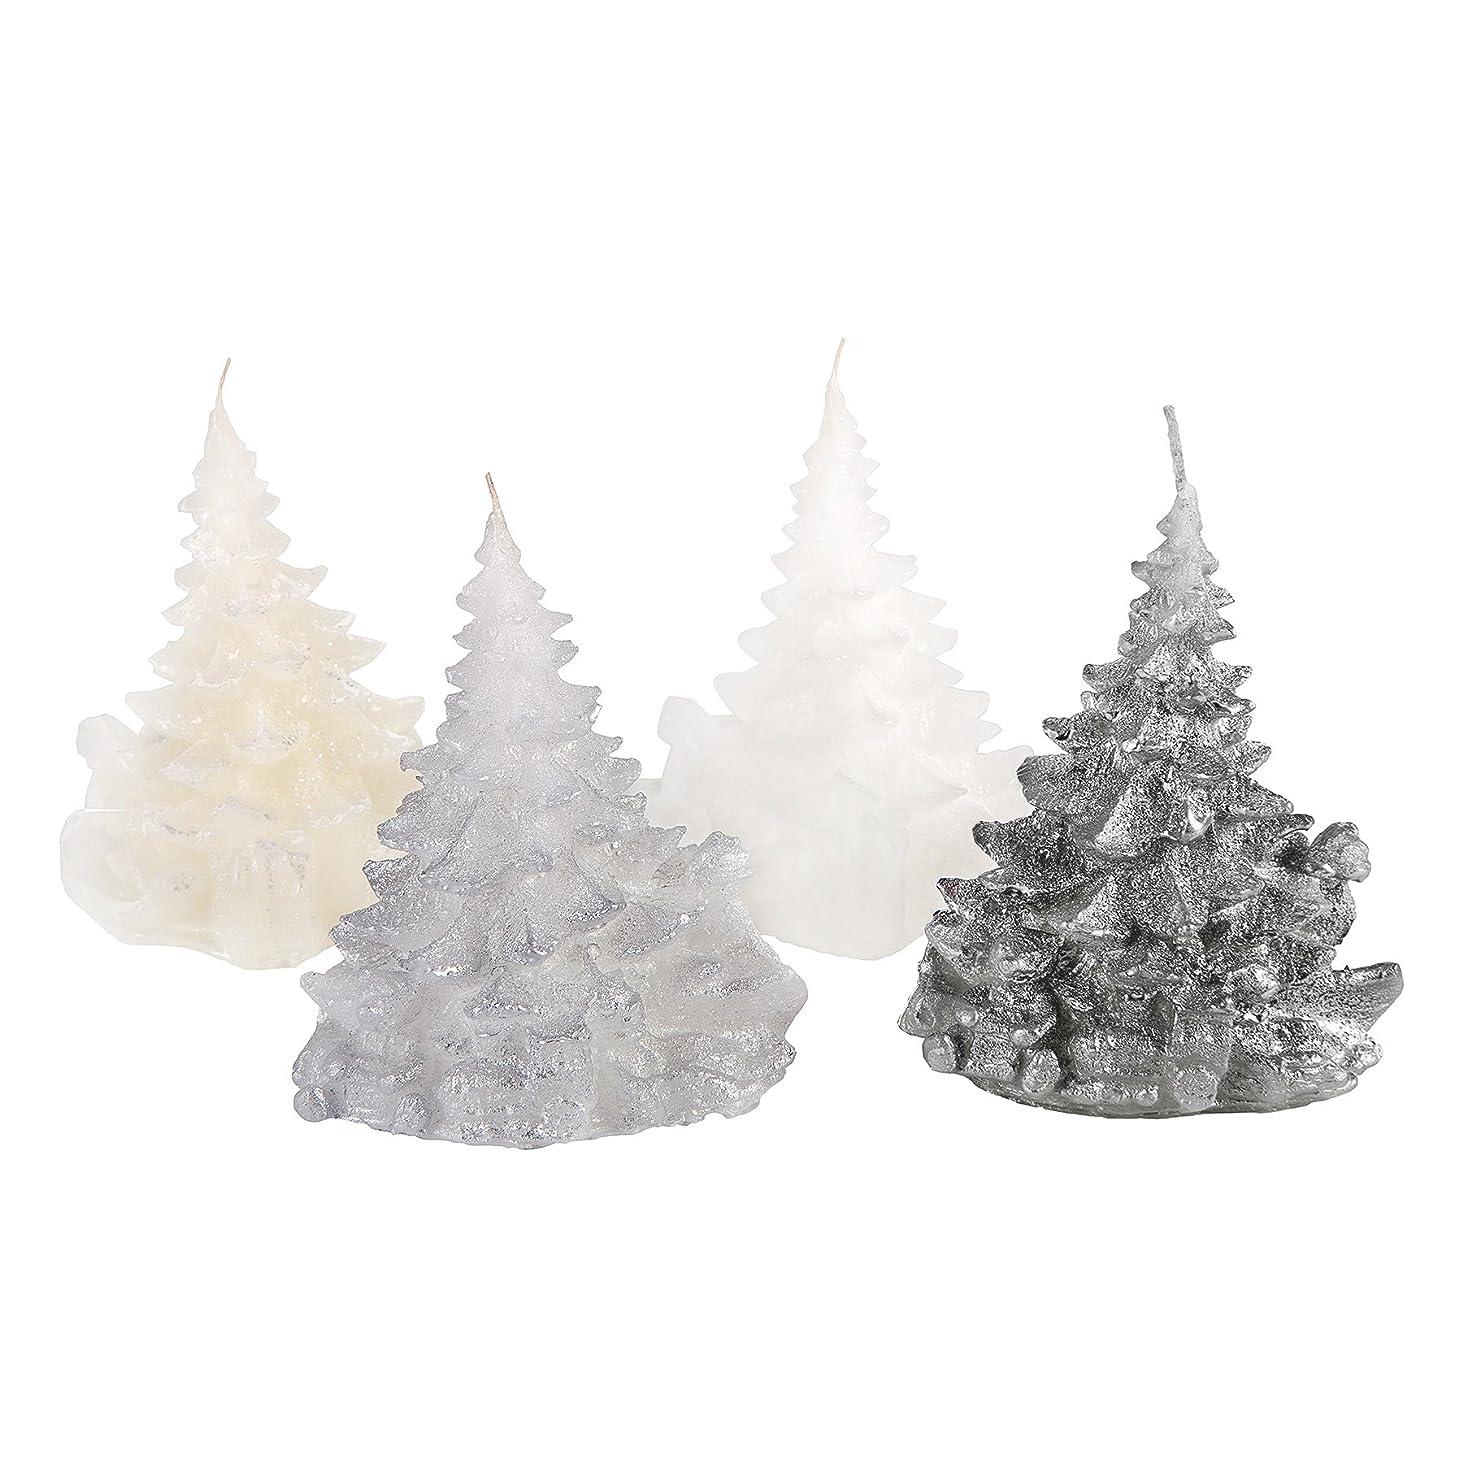 懇願するコード山積みのCandle Atelierハンドメイド休日キャンドル Merry Christmas Trees 4F1-CTP1VTW-0SP